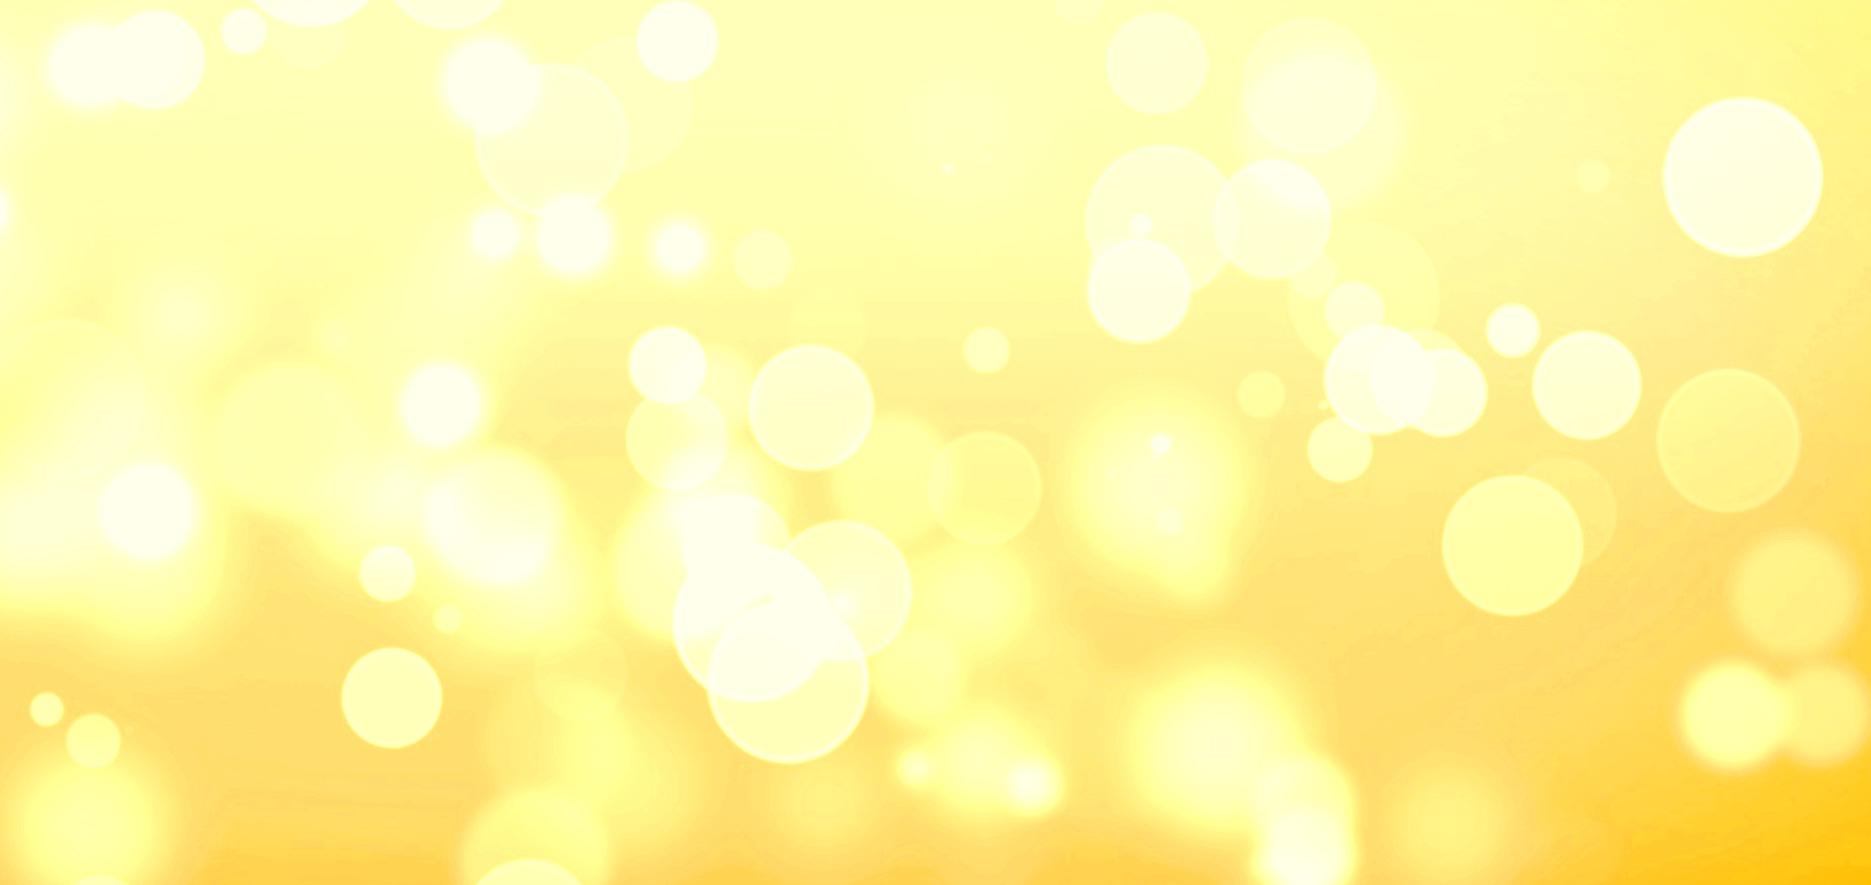 lumière2 - Copy